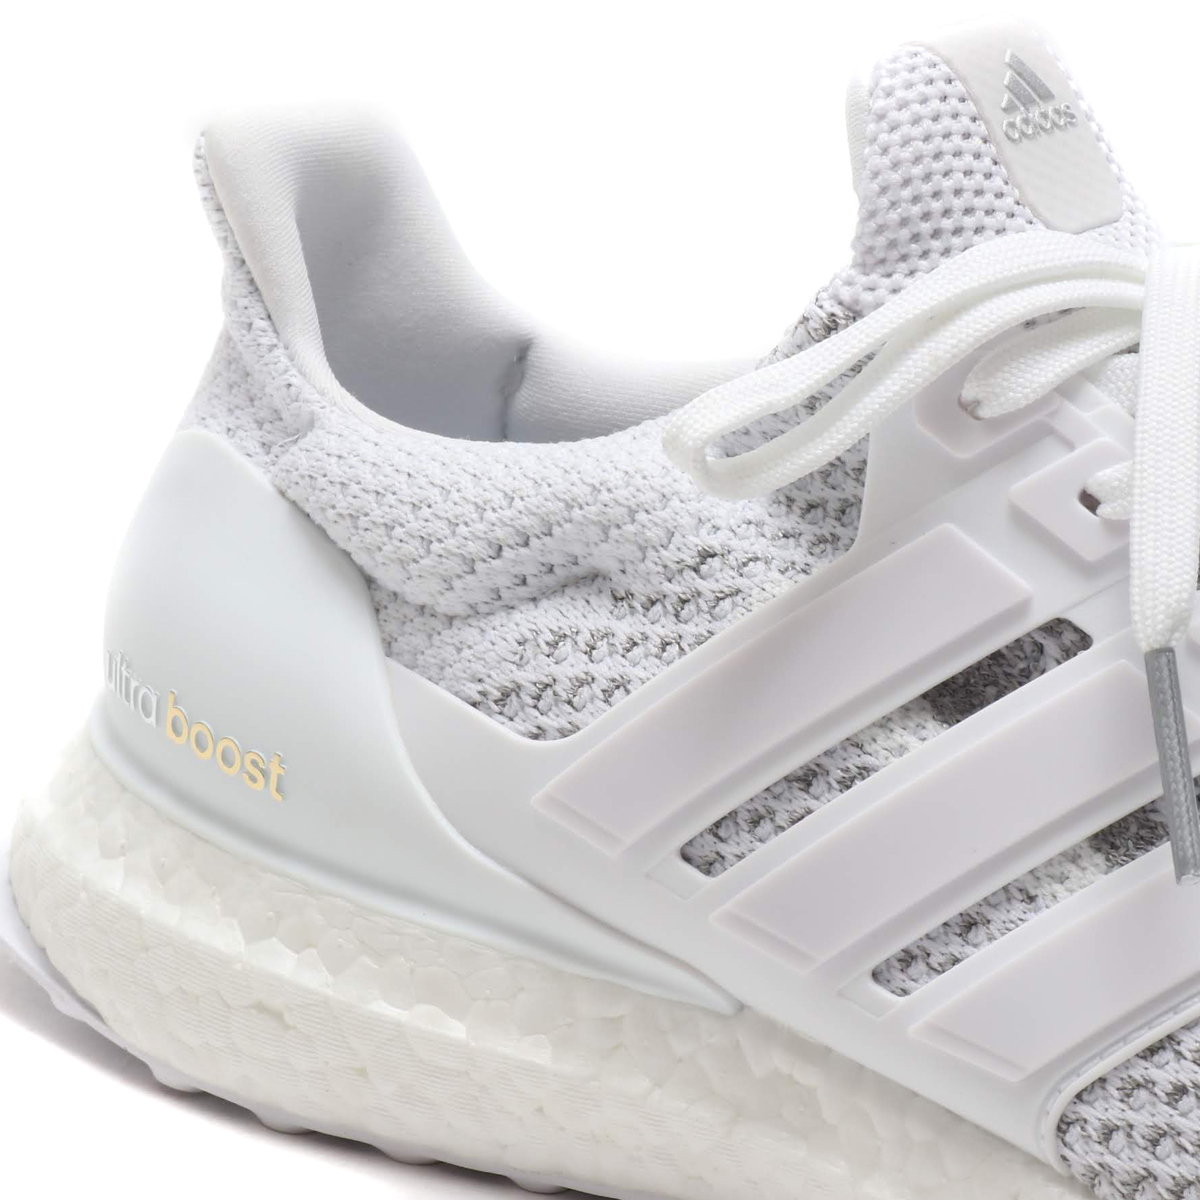 7c2720292f9de adidas ULTRA BOOST LTD GLOW (Adidas ultra boost limited glow) RUNNING WHITE RUNNING  WHITE 18FW-S